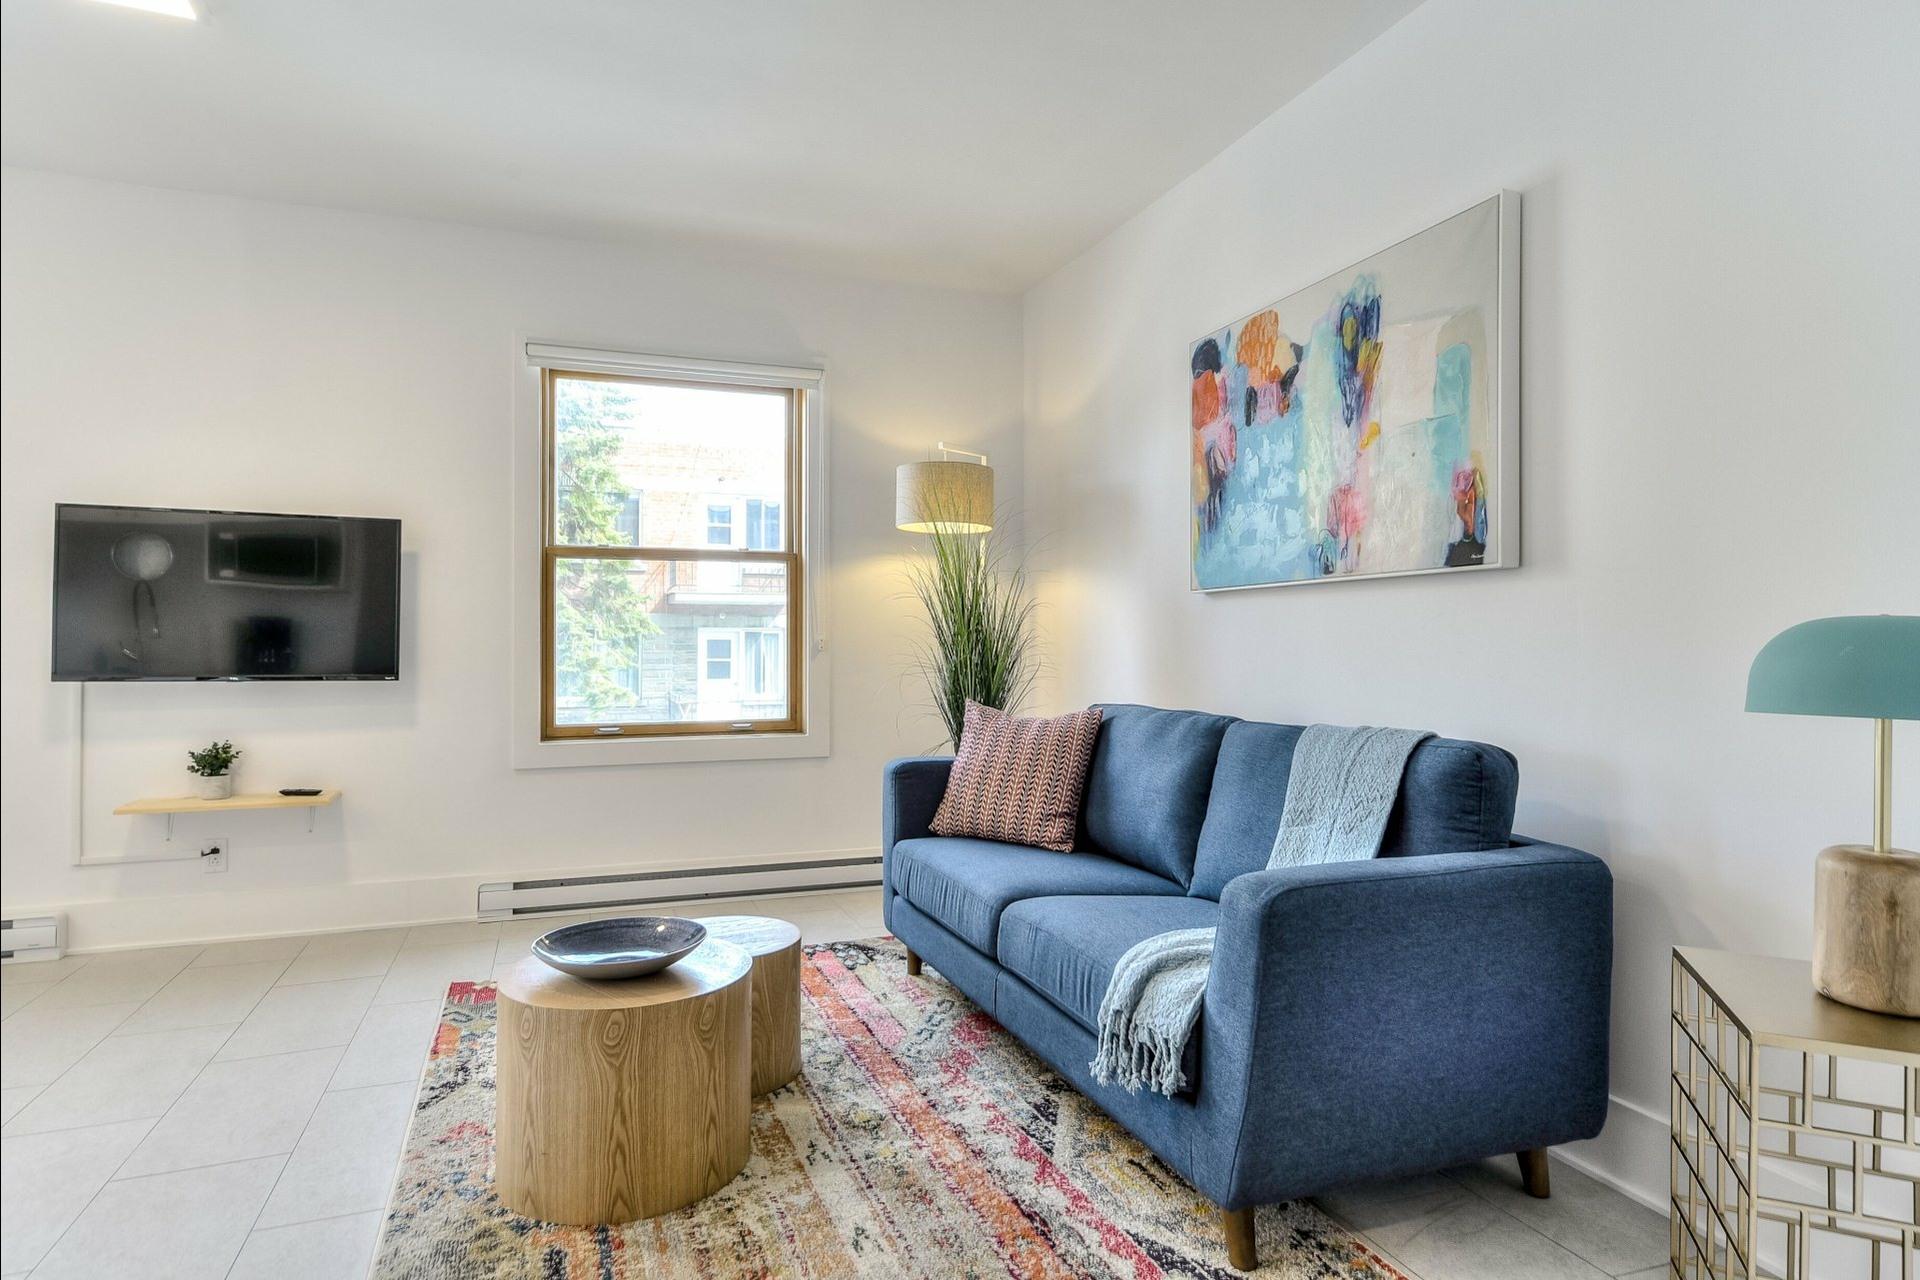 image 9 - Immeuble à revenus À vendre Montréal Villeray/Saint-Michel/Parc-Extension  - 3 pièces